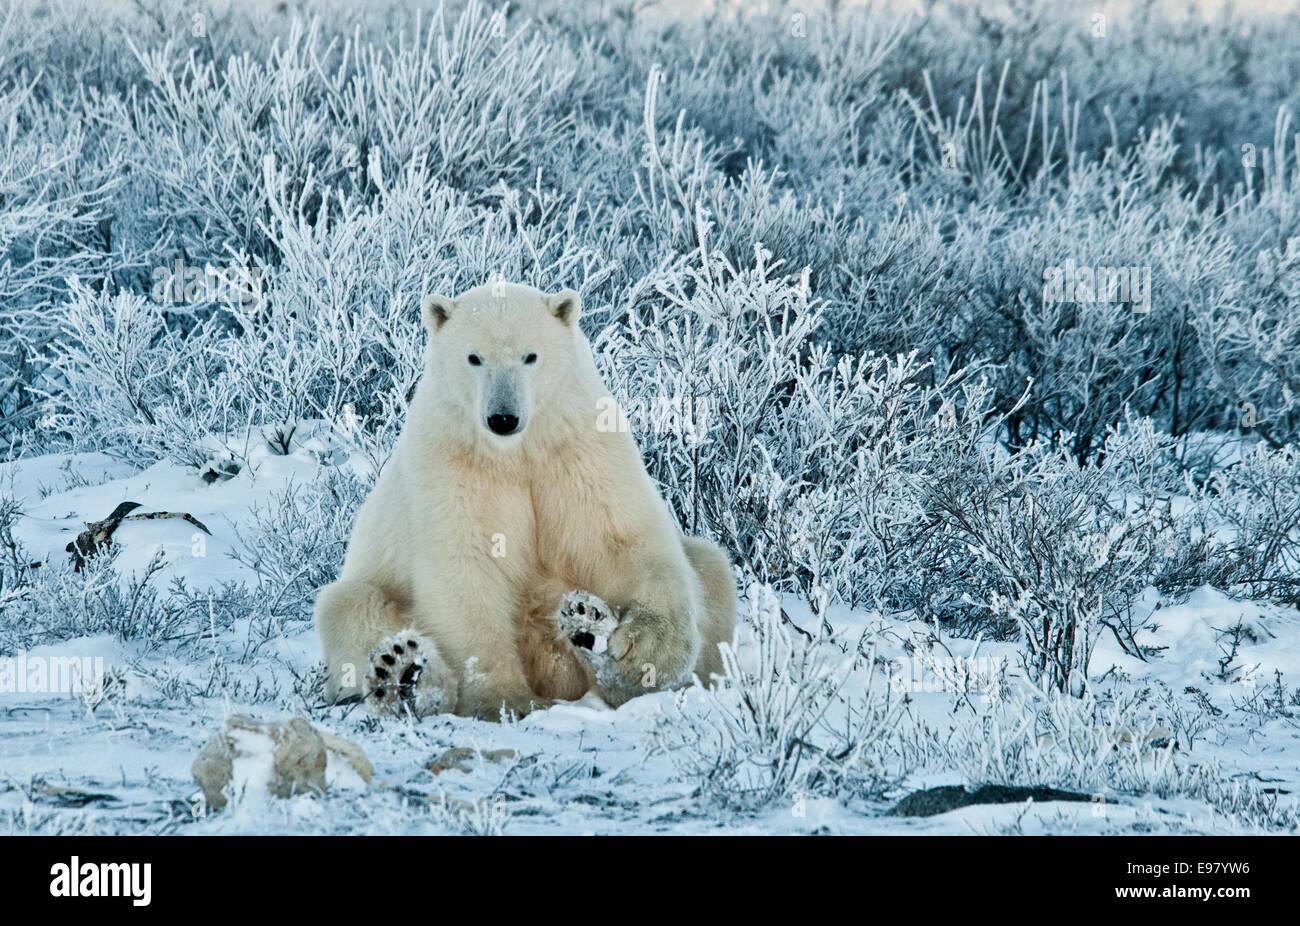 Orso polare, Ursus maritimus, seduto tra wiilows nel gelo, nei pressi della Baia di Hudson, Cape Churchill, Manitoba, Immagini Stock